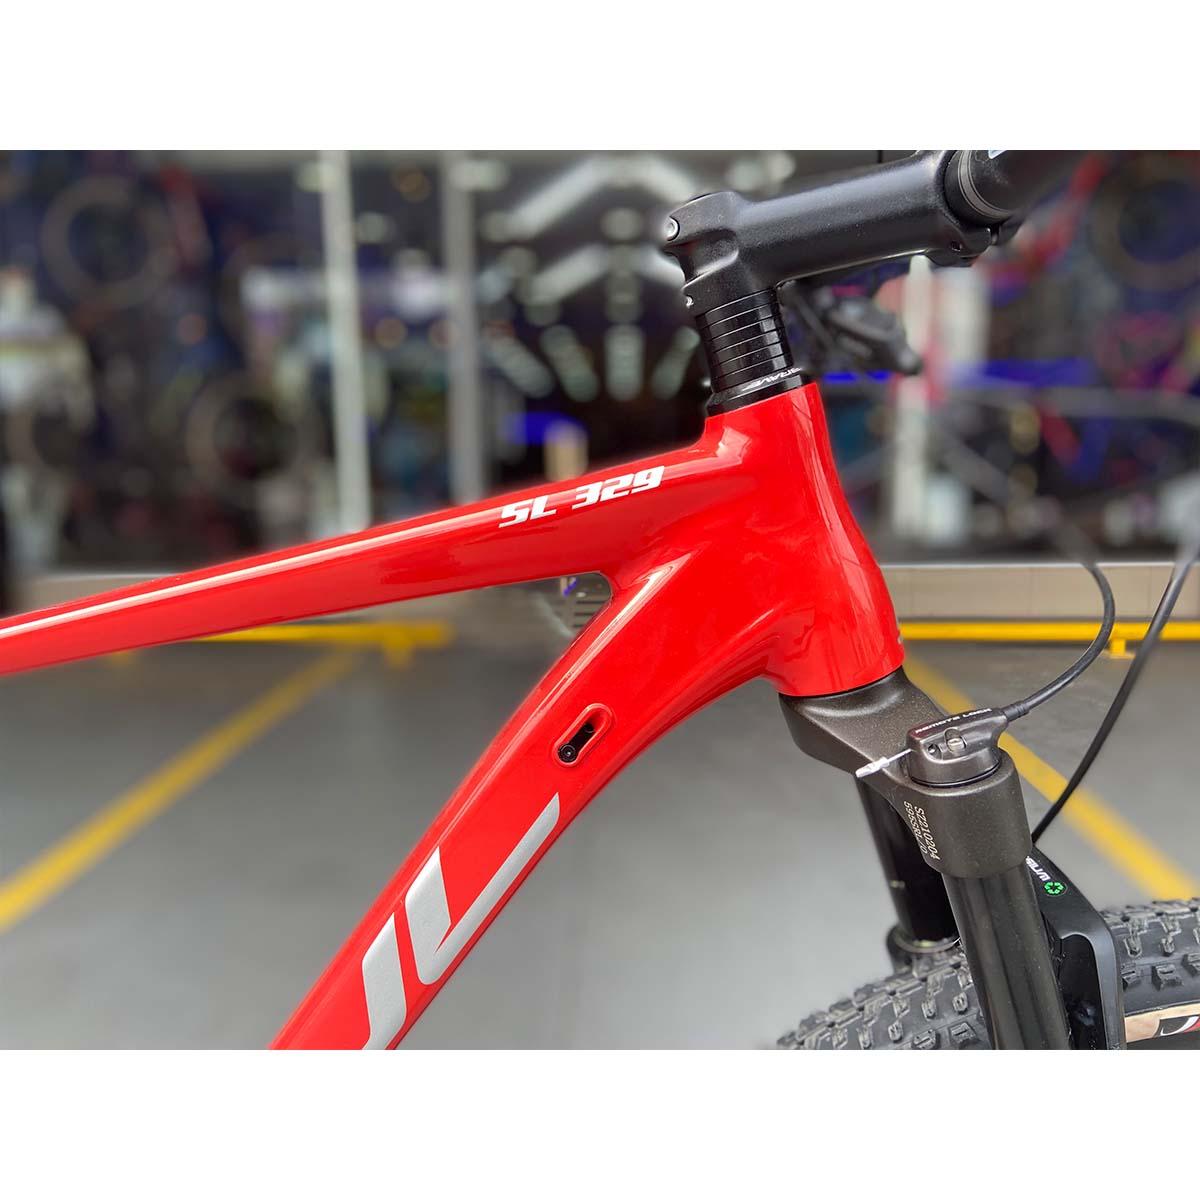 Bicicleta Soul SL 329 Aro 29 12V Sram SX Degrade Vermelha e Preta  21